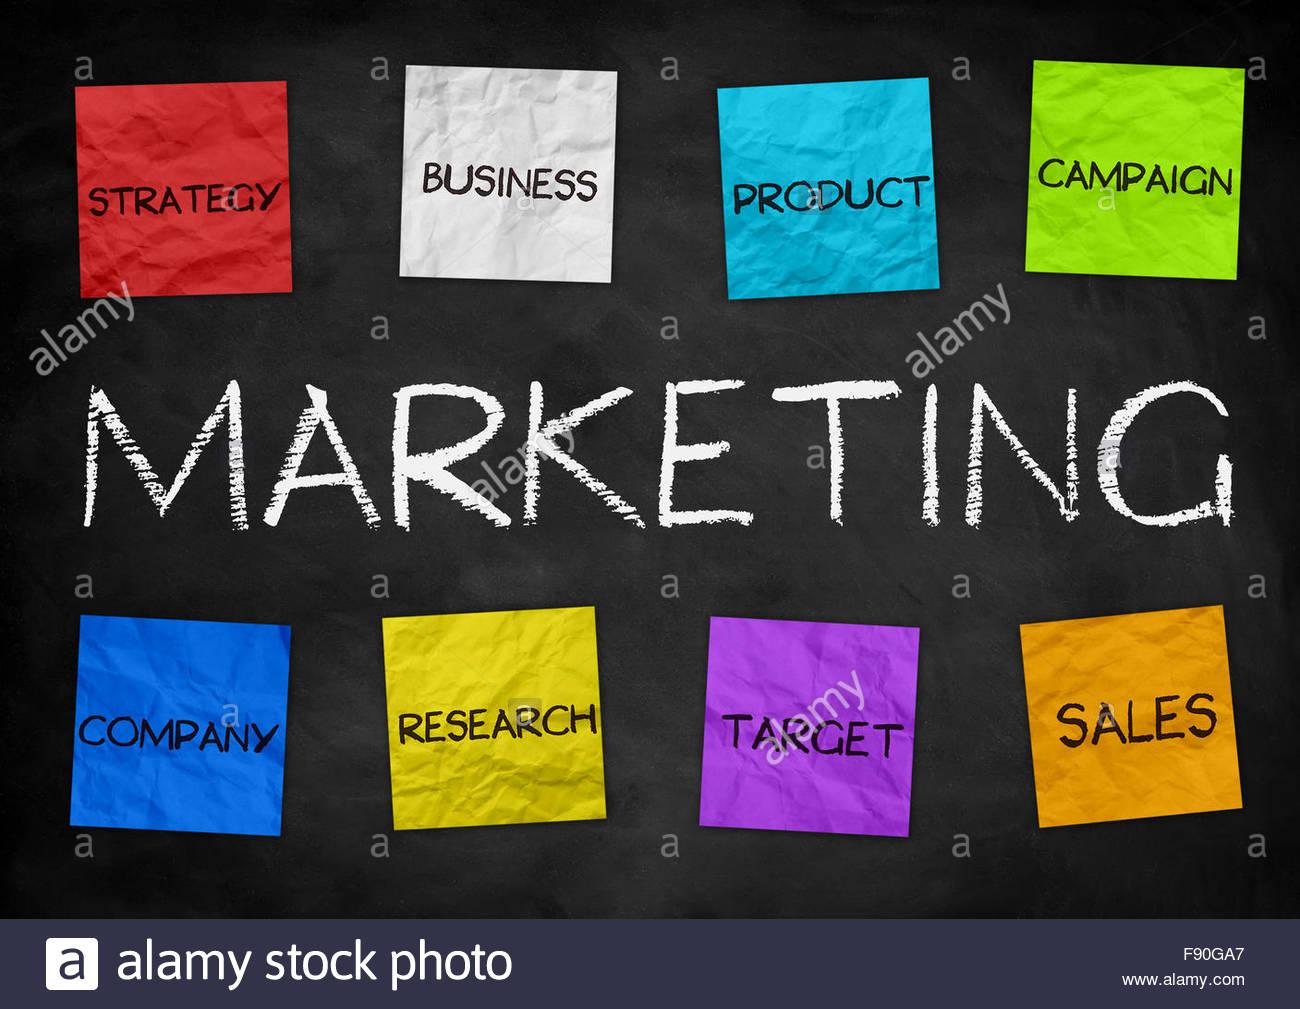 Marketing - business illustration background - Stock Image